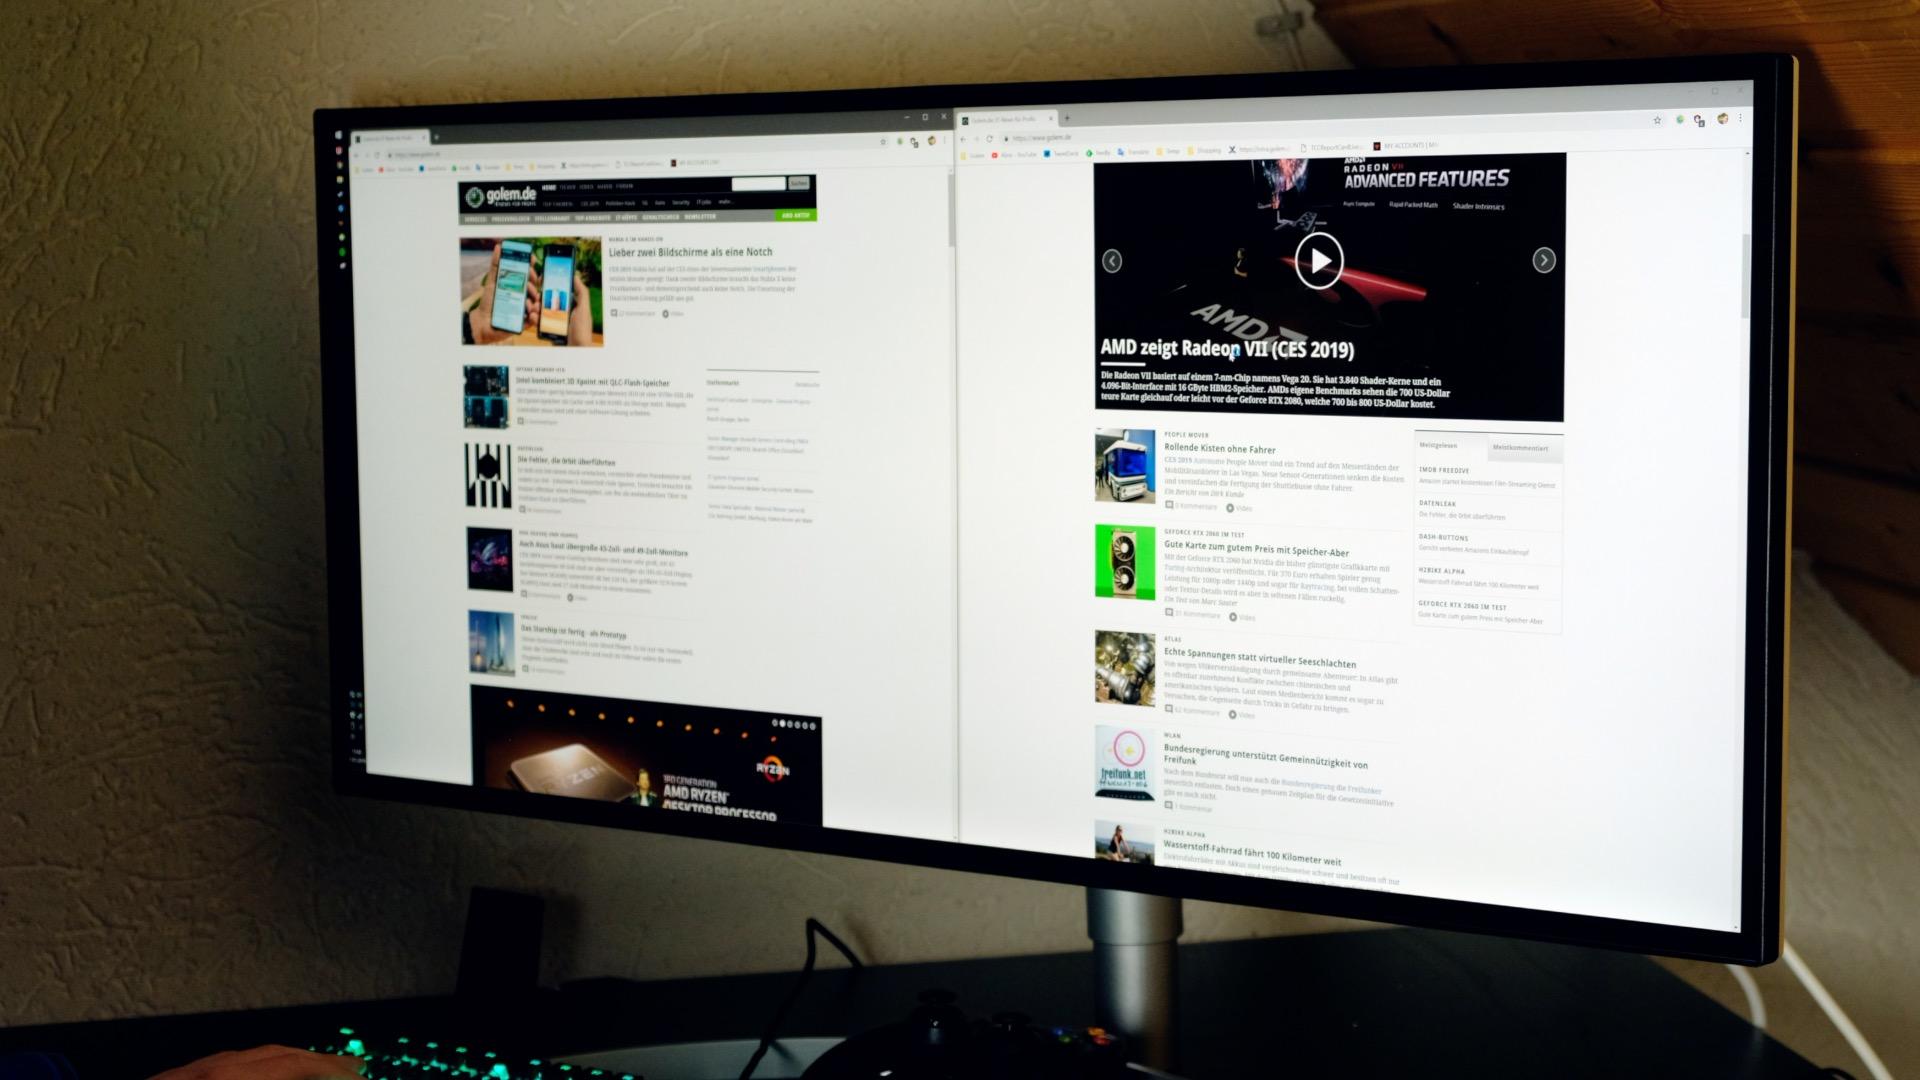 LG 34WK95U im Test: Suboptimaler 5K2K Ultrawide - Auf dem LG 34WK95U lassen sich bequem zwei Browser-Fenster anzeigen. (Bild: Michael Wieczorek/Golem.de)